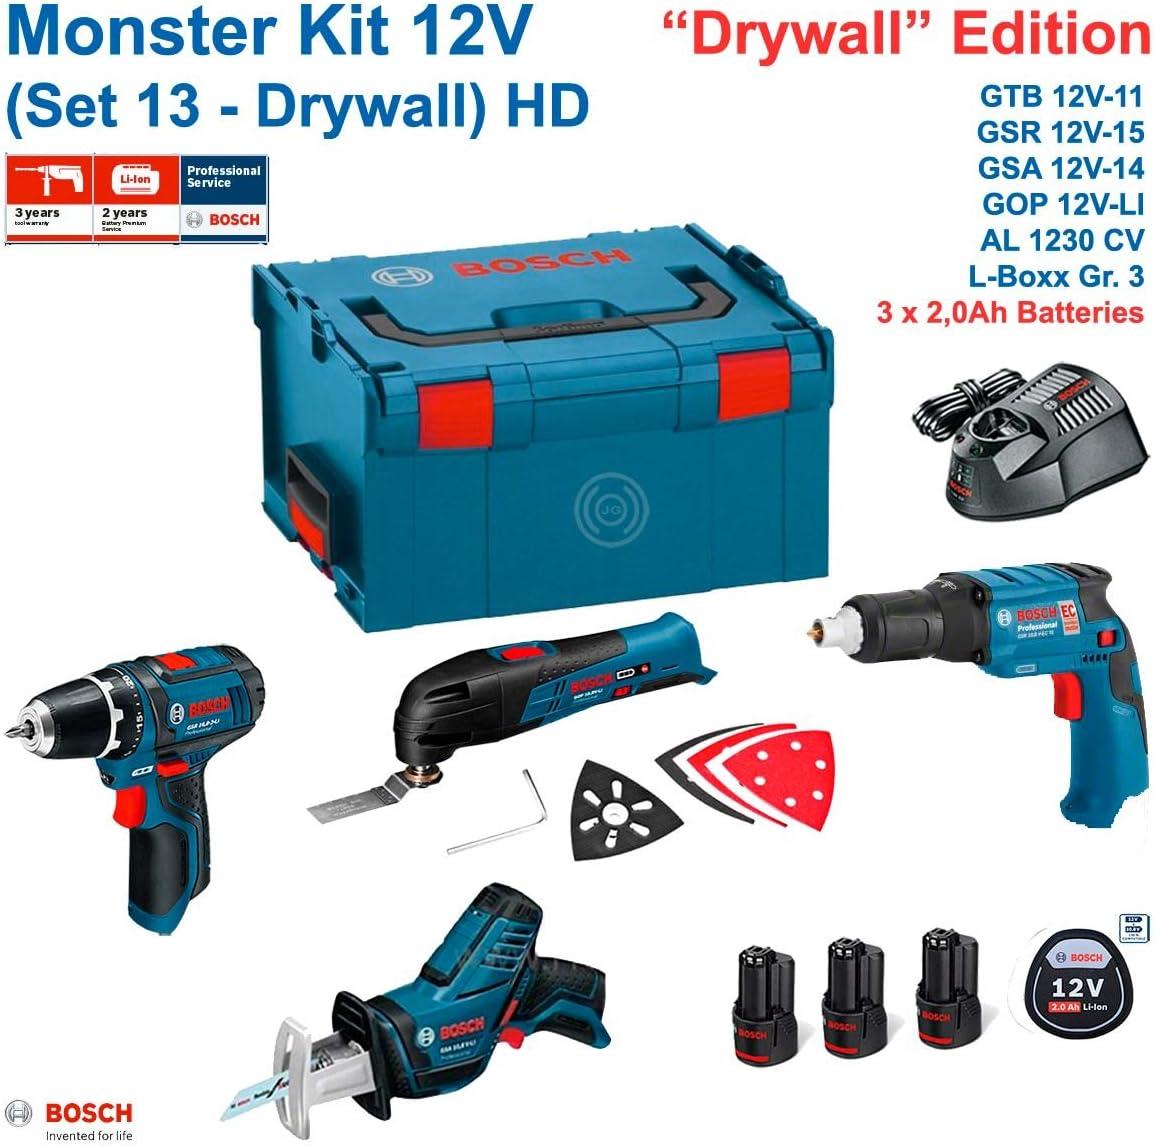 BOSCH Monster Kit 12V Set 13 HD Special Pladur (GTB 12V-11+ GOP 12V-LI + GSA 12V-14 + GSR 12V-15 + 3 x 2,0 Ah + AL1230CV + L-Boxx 238): Amazon.es: Bricolaje y herramientas